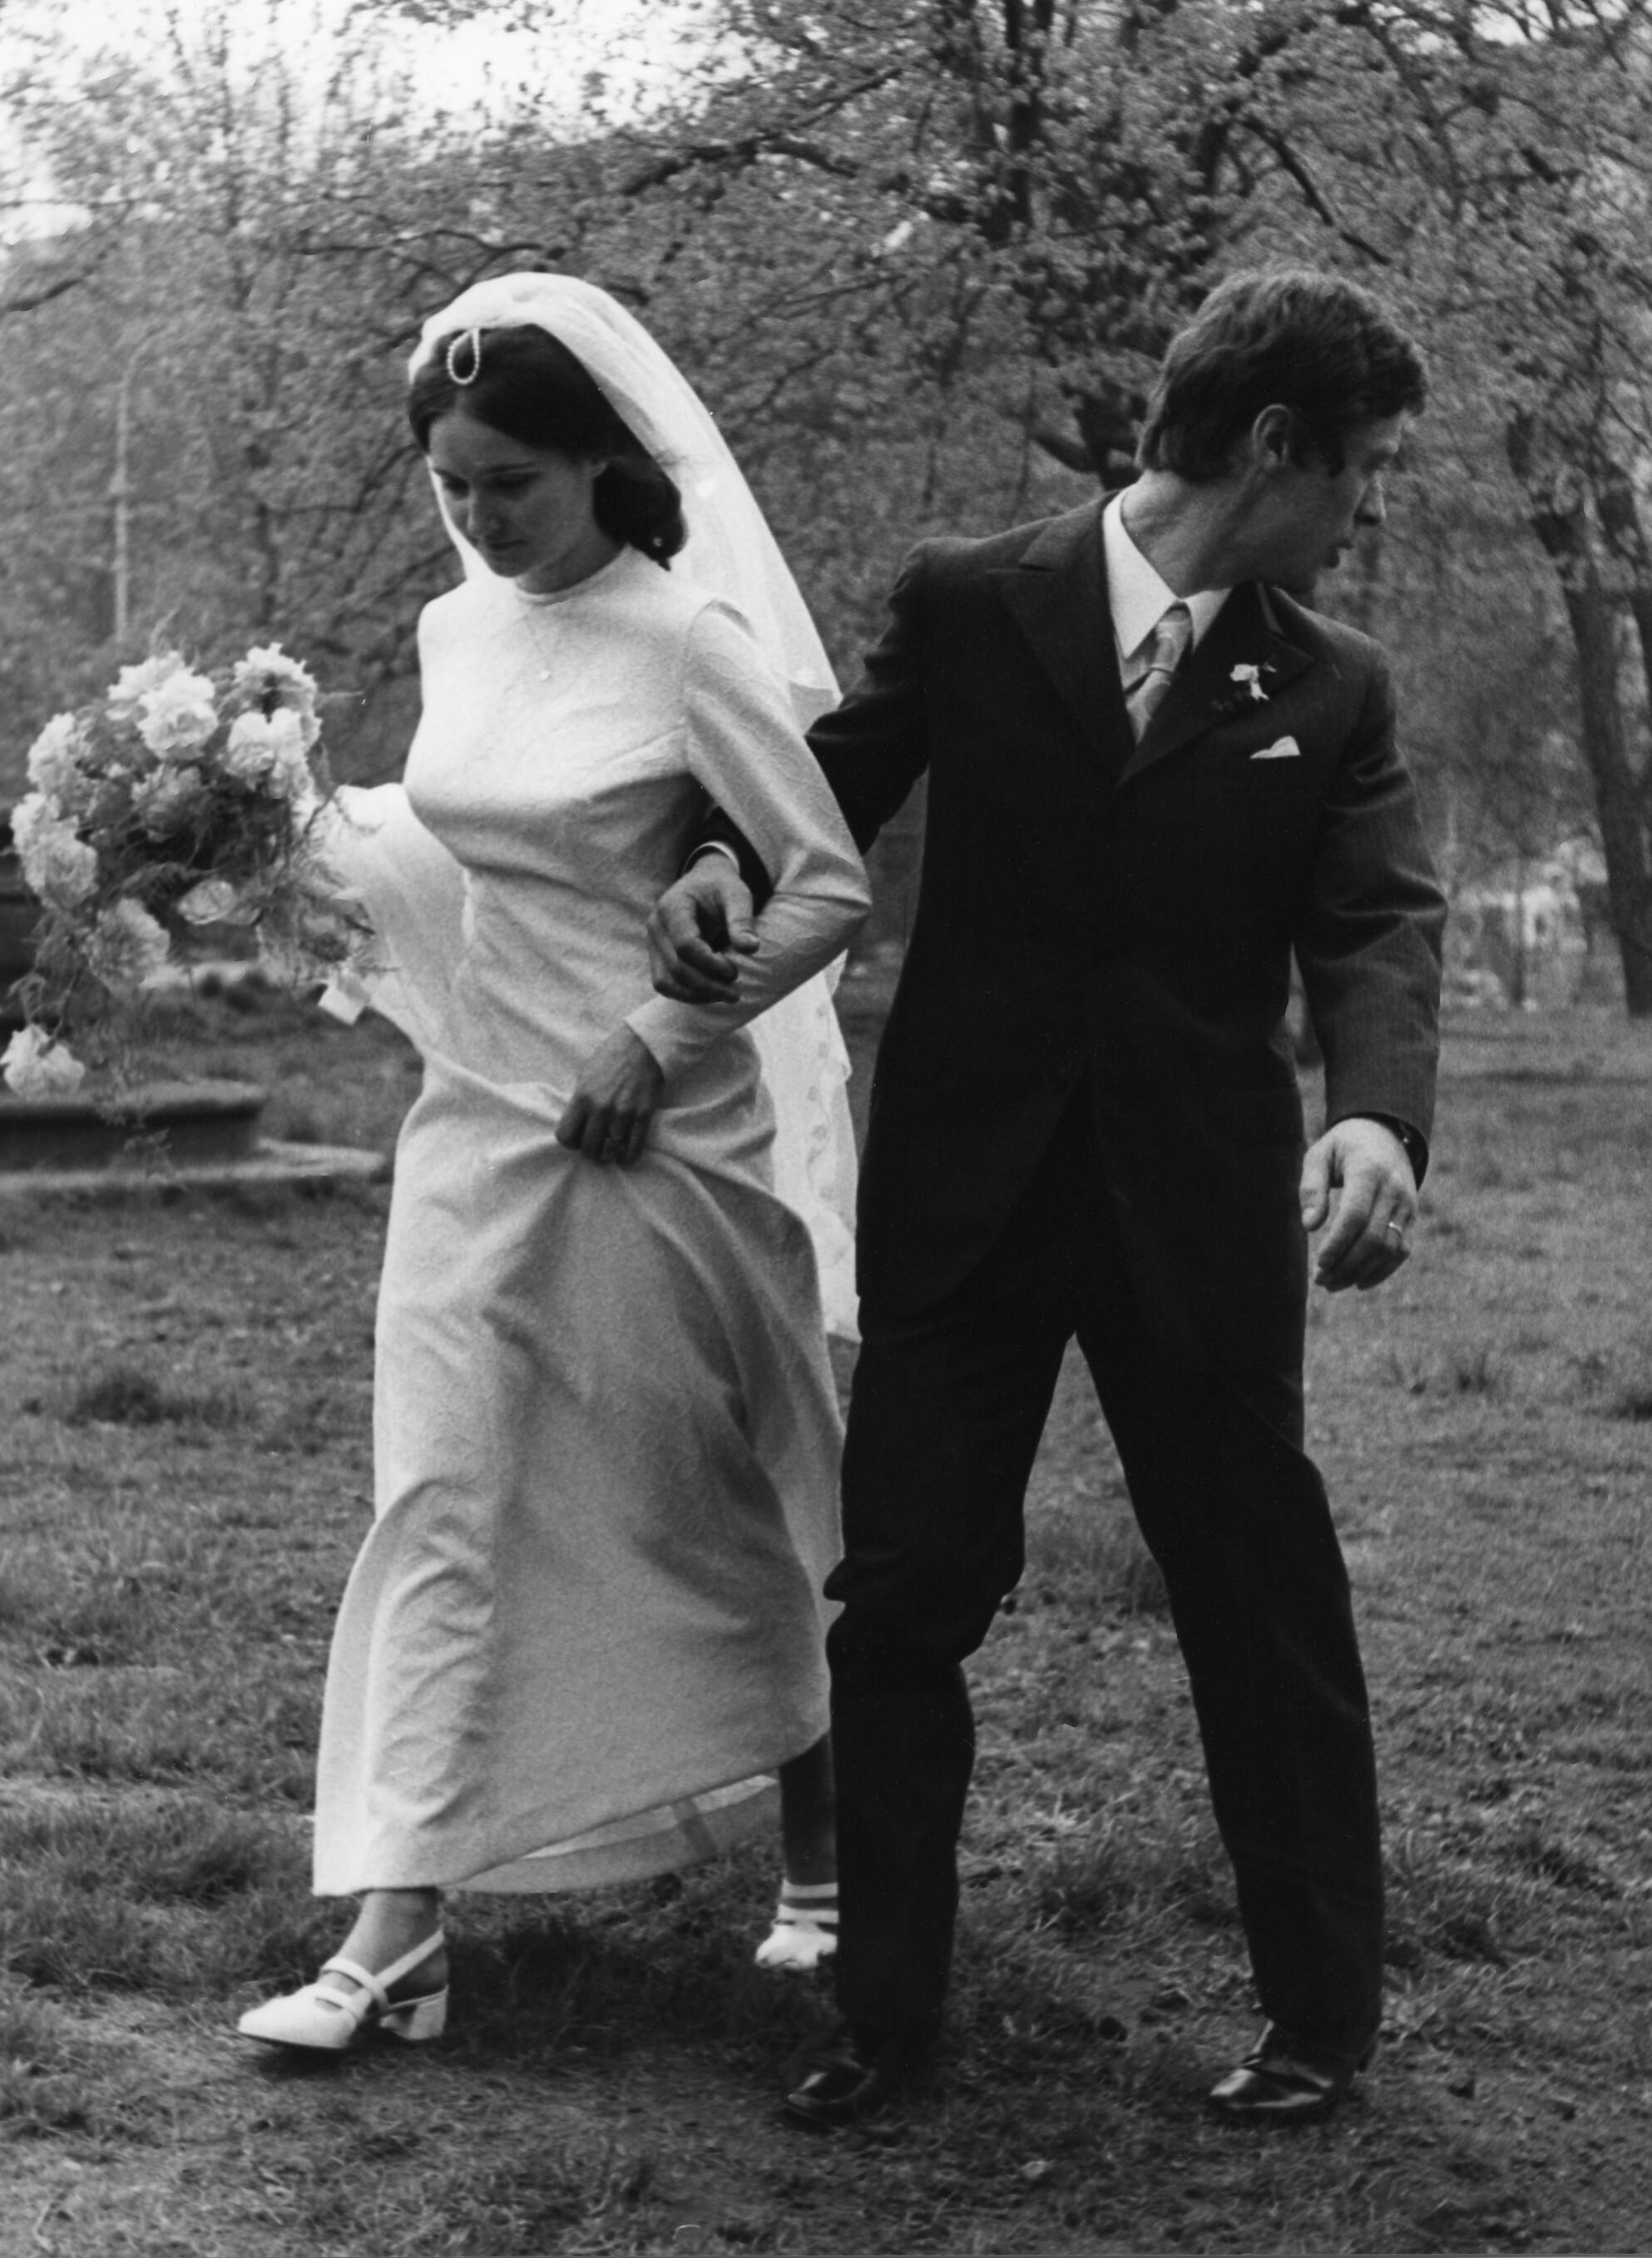 Свадебная съёмка, 1968. Фотограф Франтишек Досталь